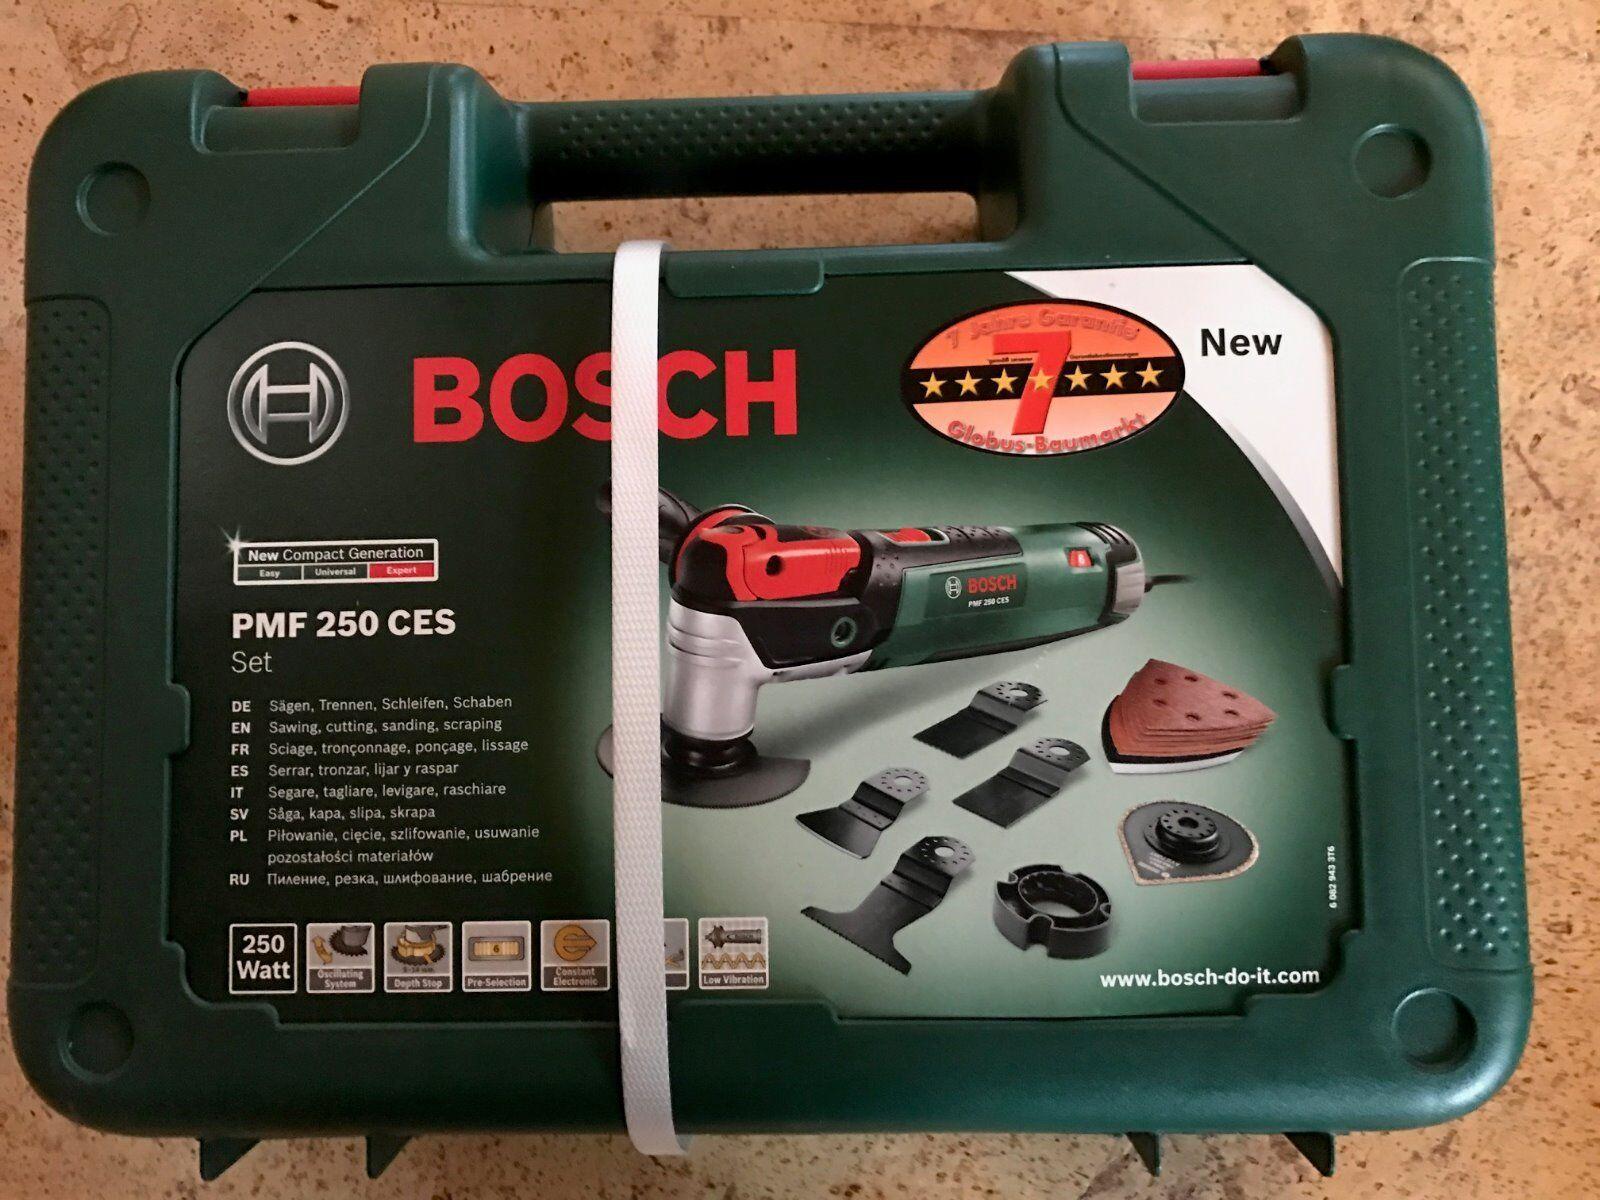 NEU & OVP: Bosch Multifunktionswerkzeug PMF 250 CES mit viel Zubehör im Koffer